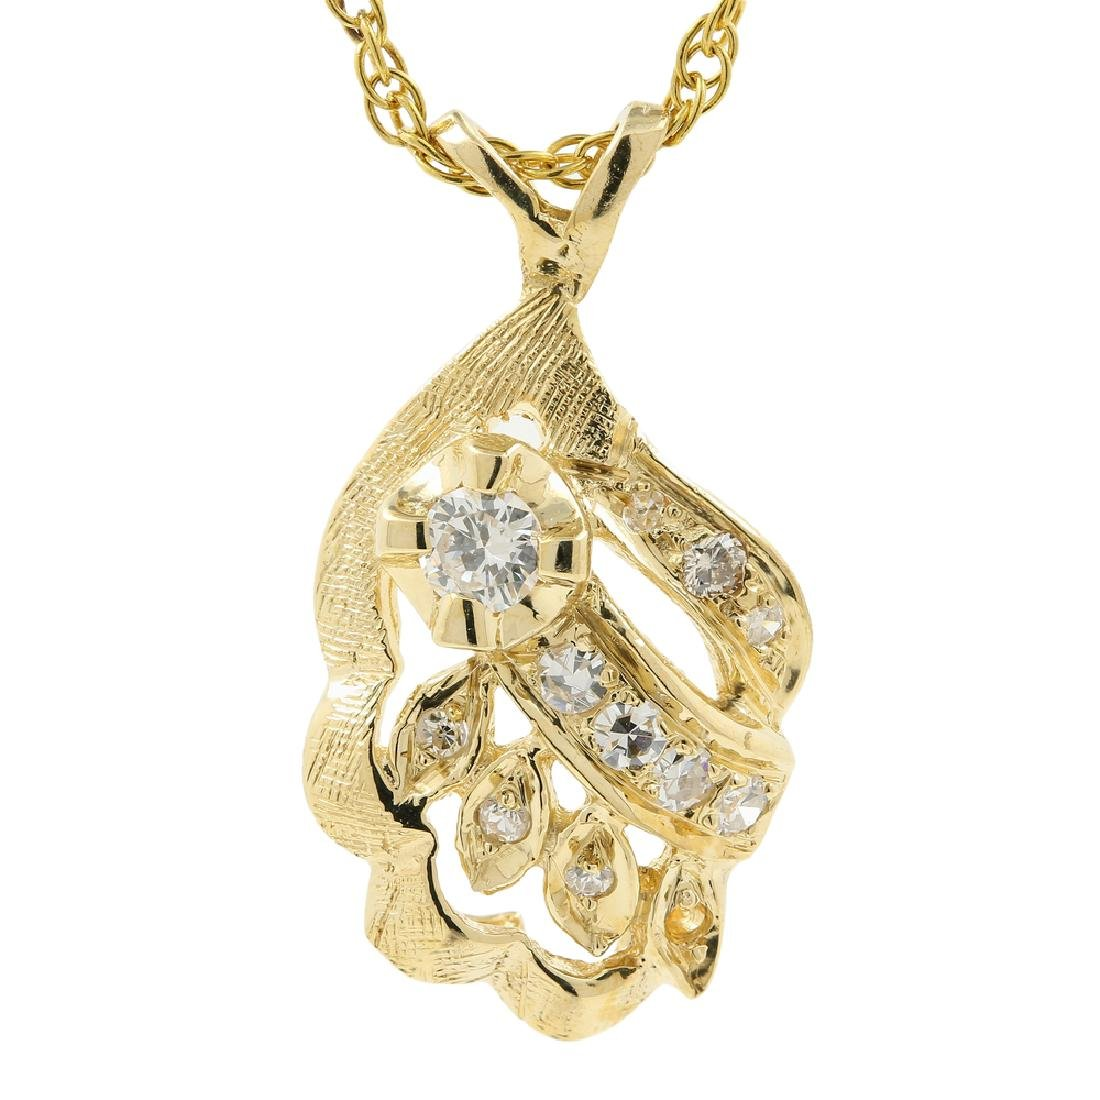 Exquisite Estate Ladies 14K Yellow Gold Diamond Pendant